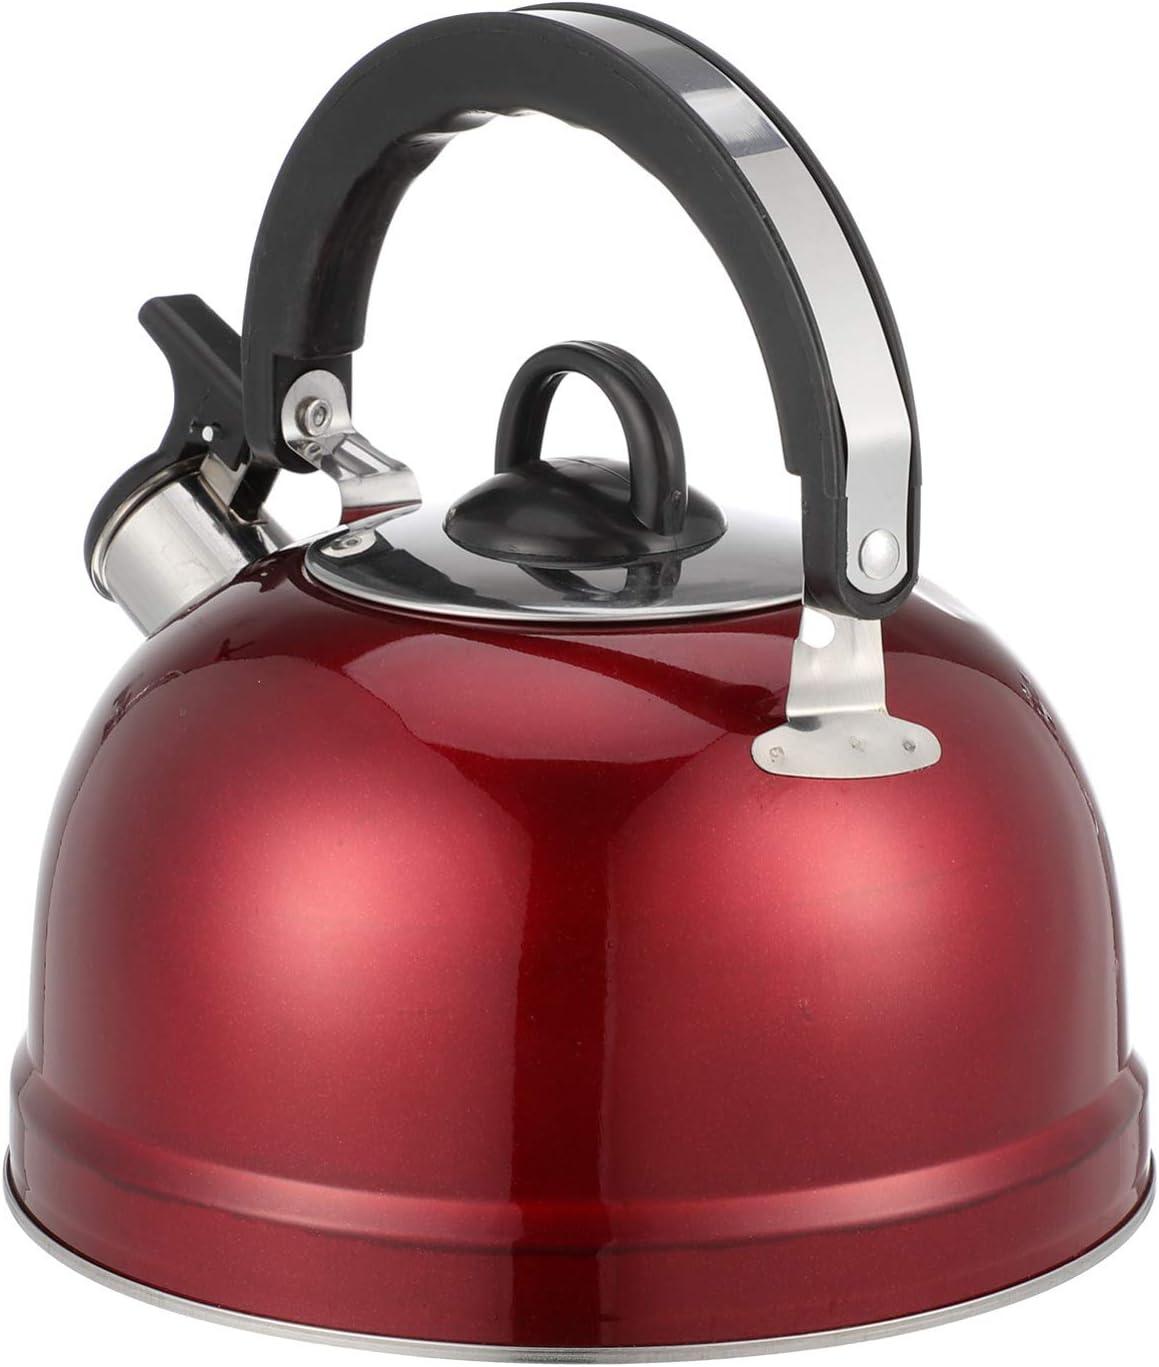 Cabilock Hervidor de agua de acero inoxidable con silbato de 3 l, para inducción, hervidor de agua, café, té, agua, caldera de metal, color rojo